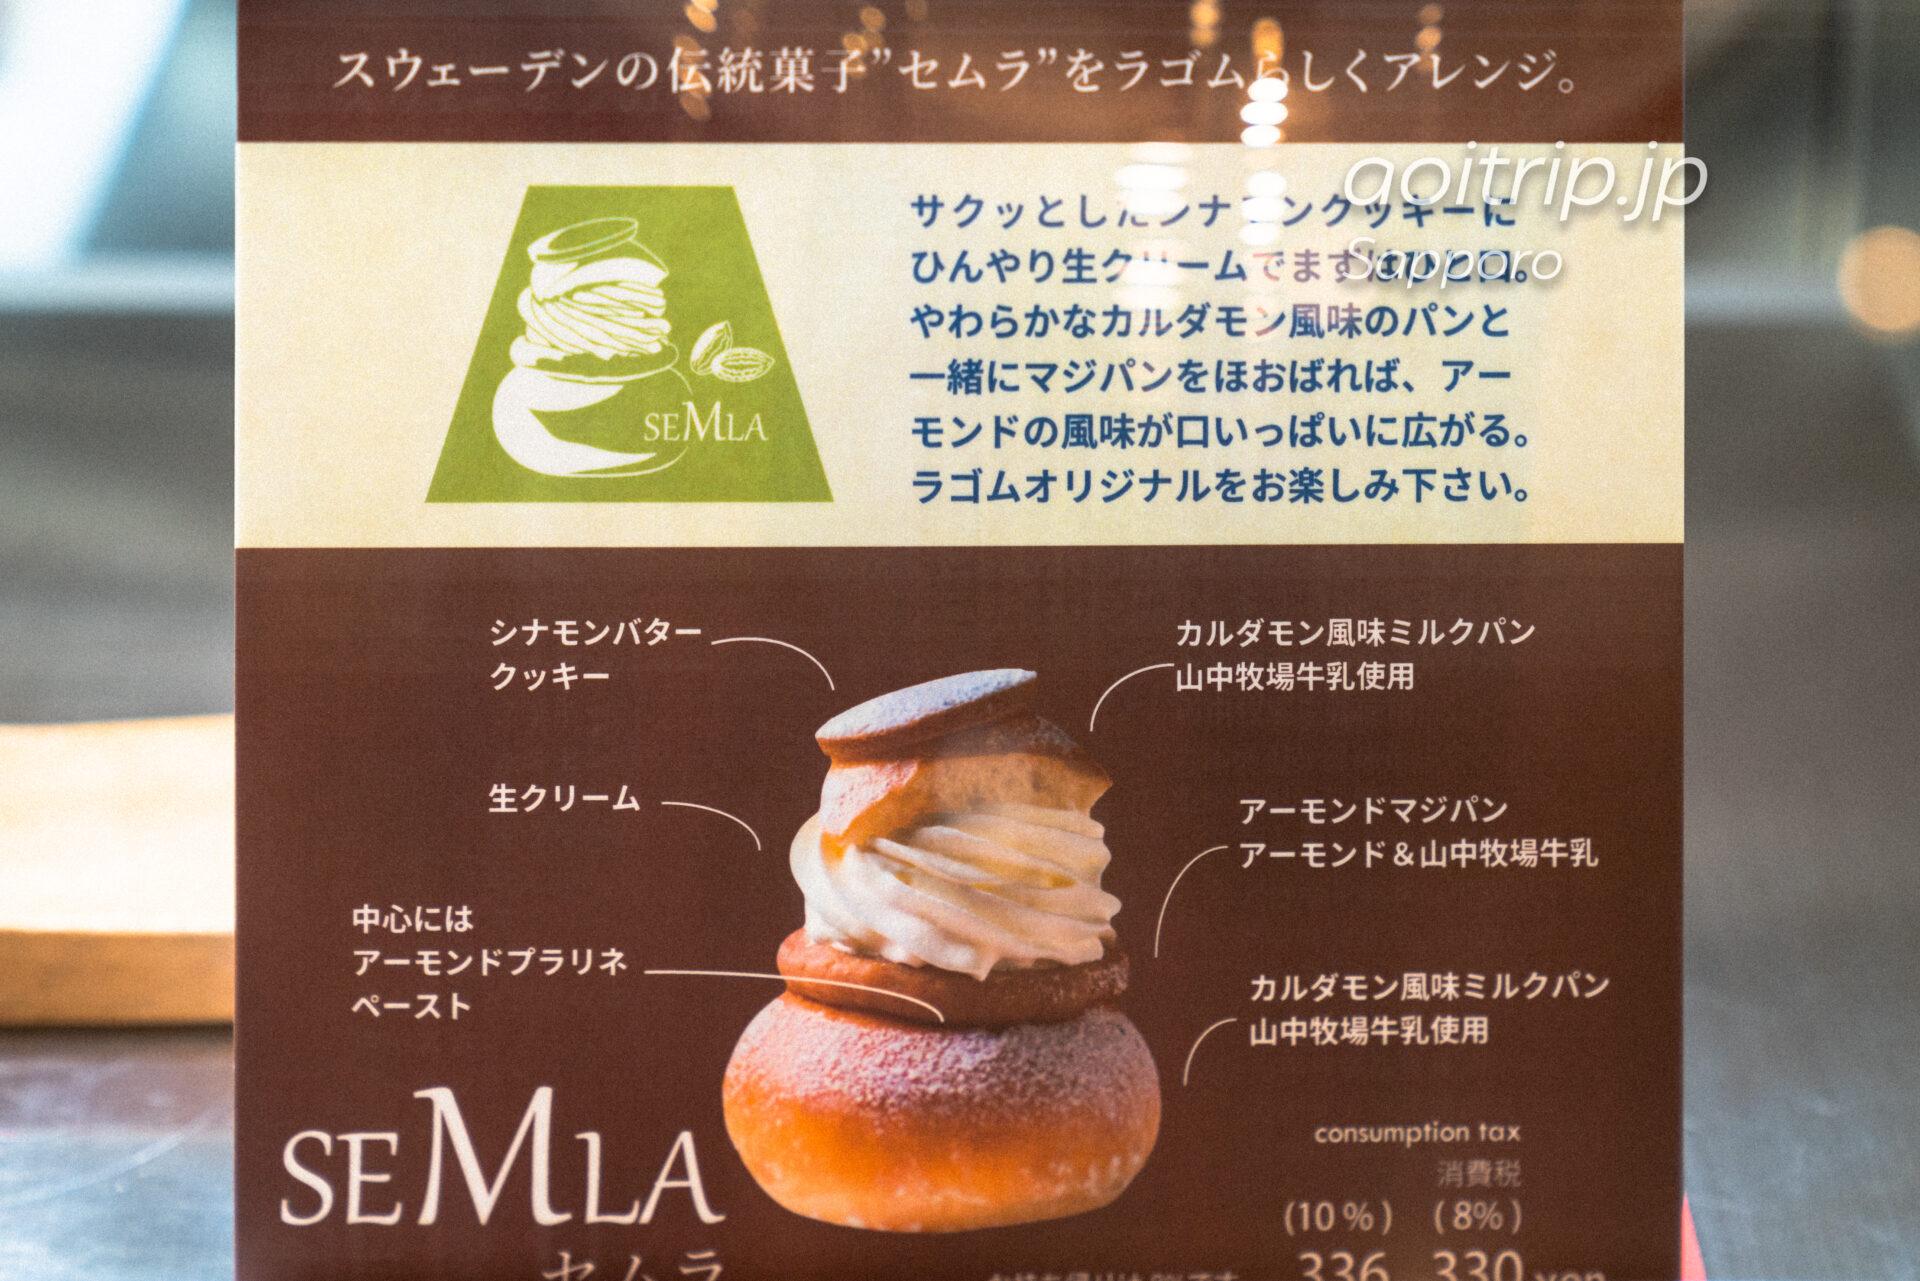 フェアフィールド札幌のアフタヌーンティー スウェーデンの伝統菓子セムラ(Semla)